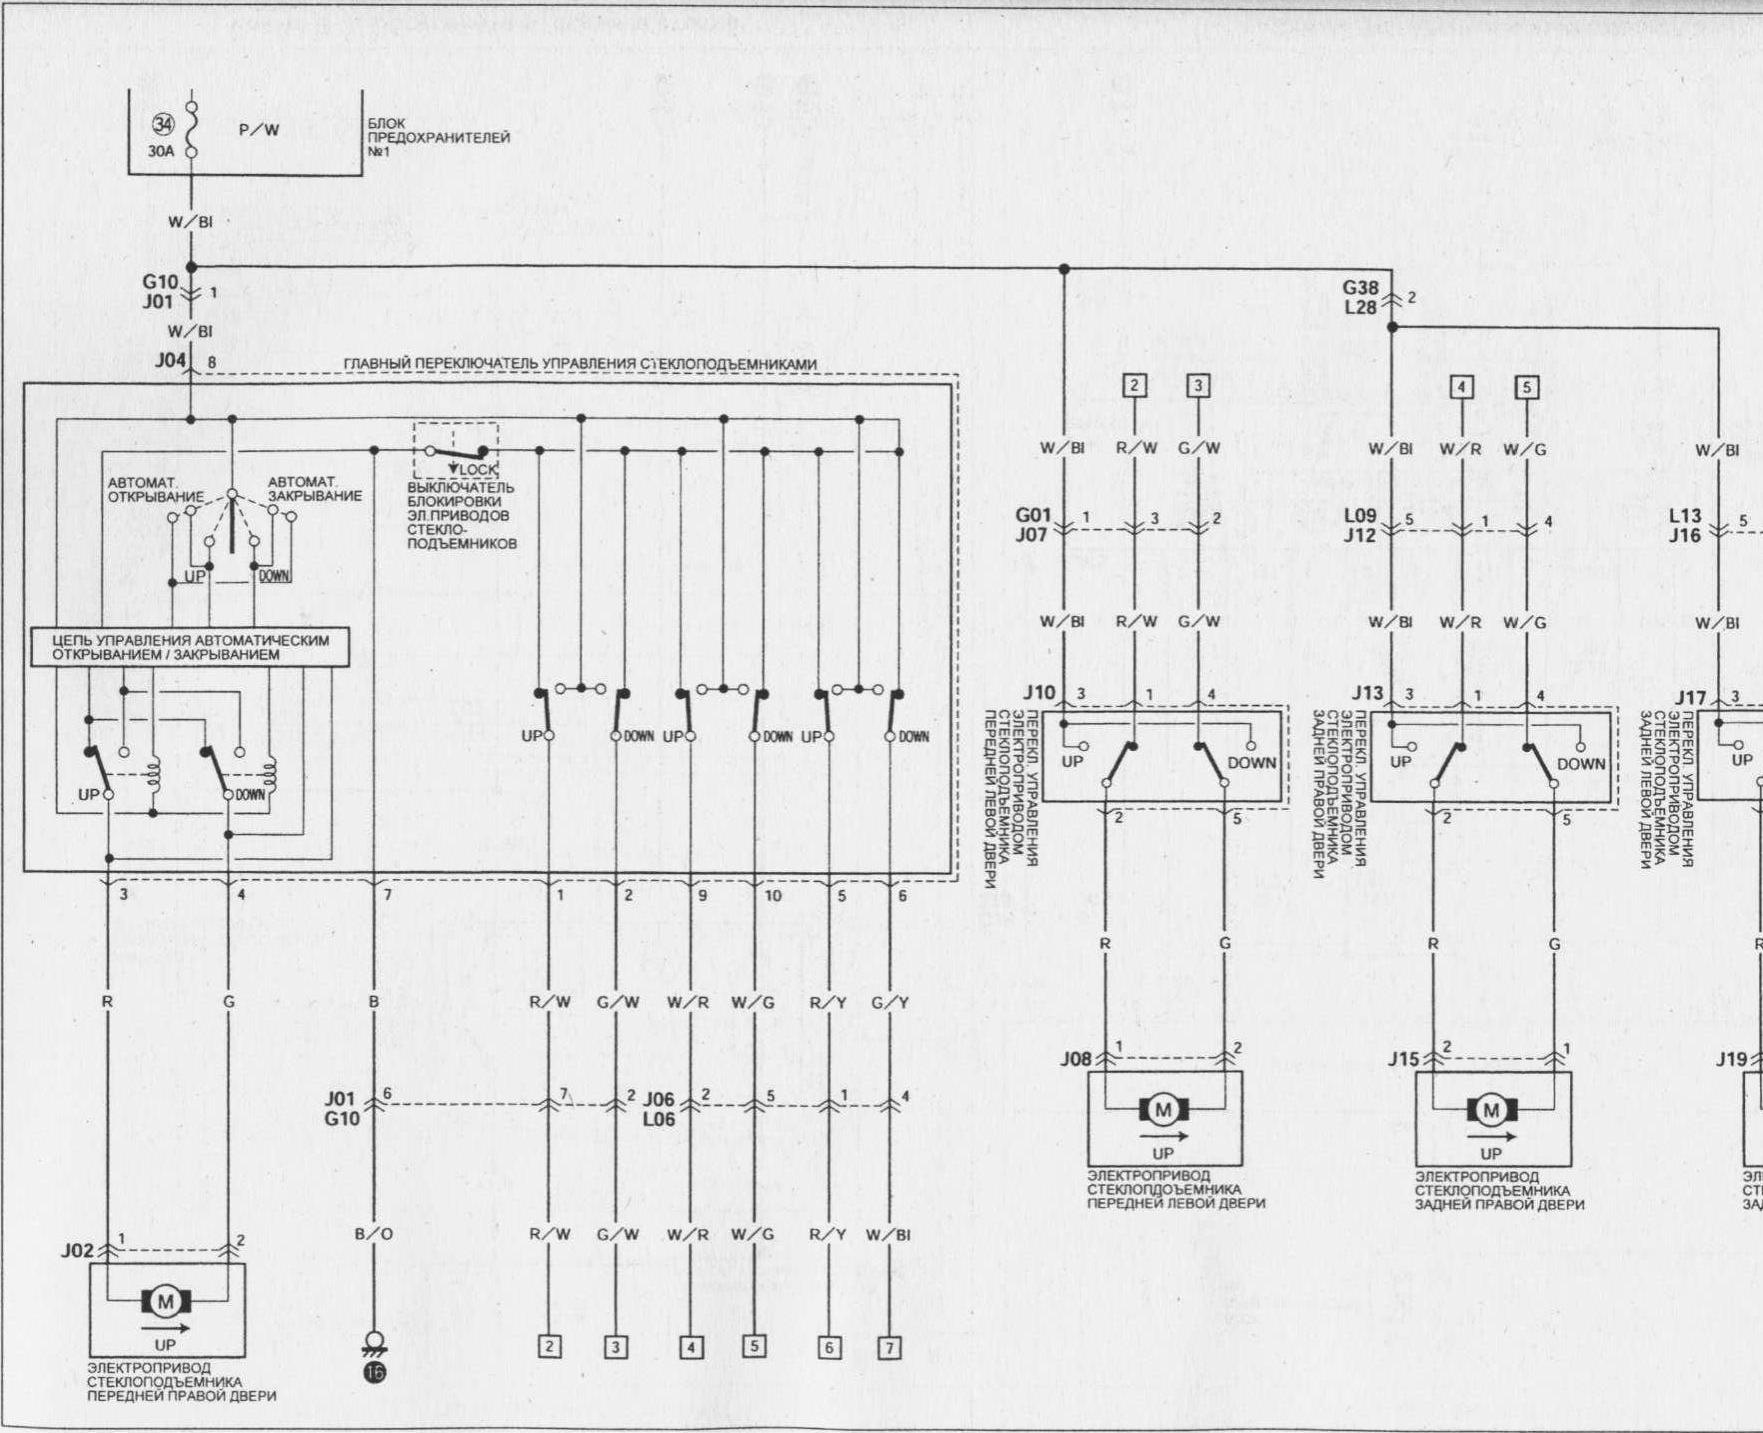 Suzuki Swift 1993 Wiring Diagram